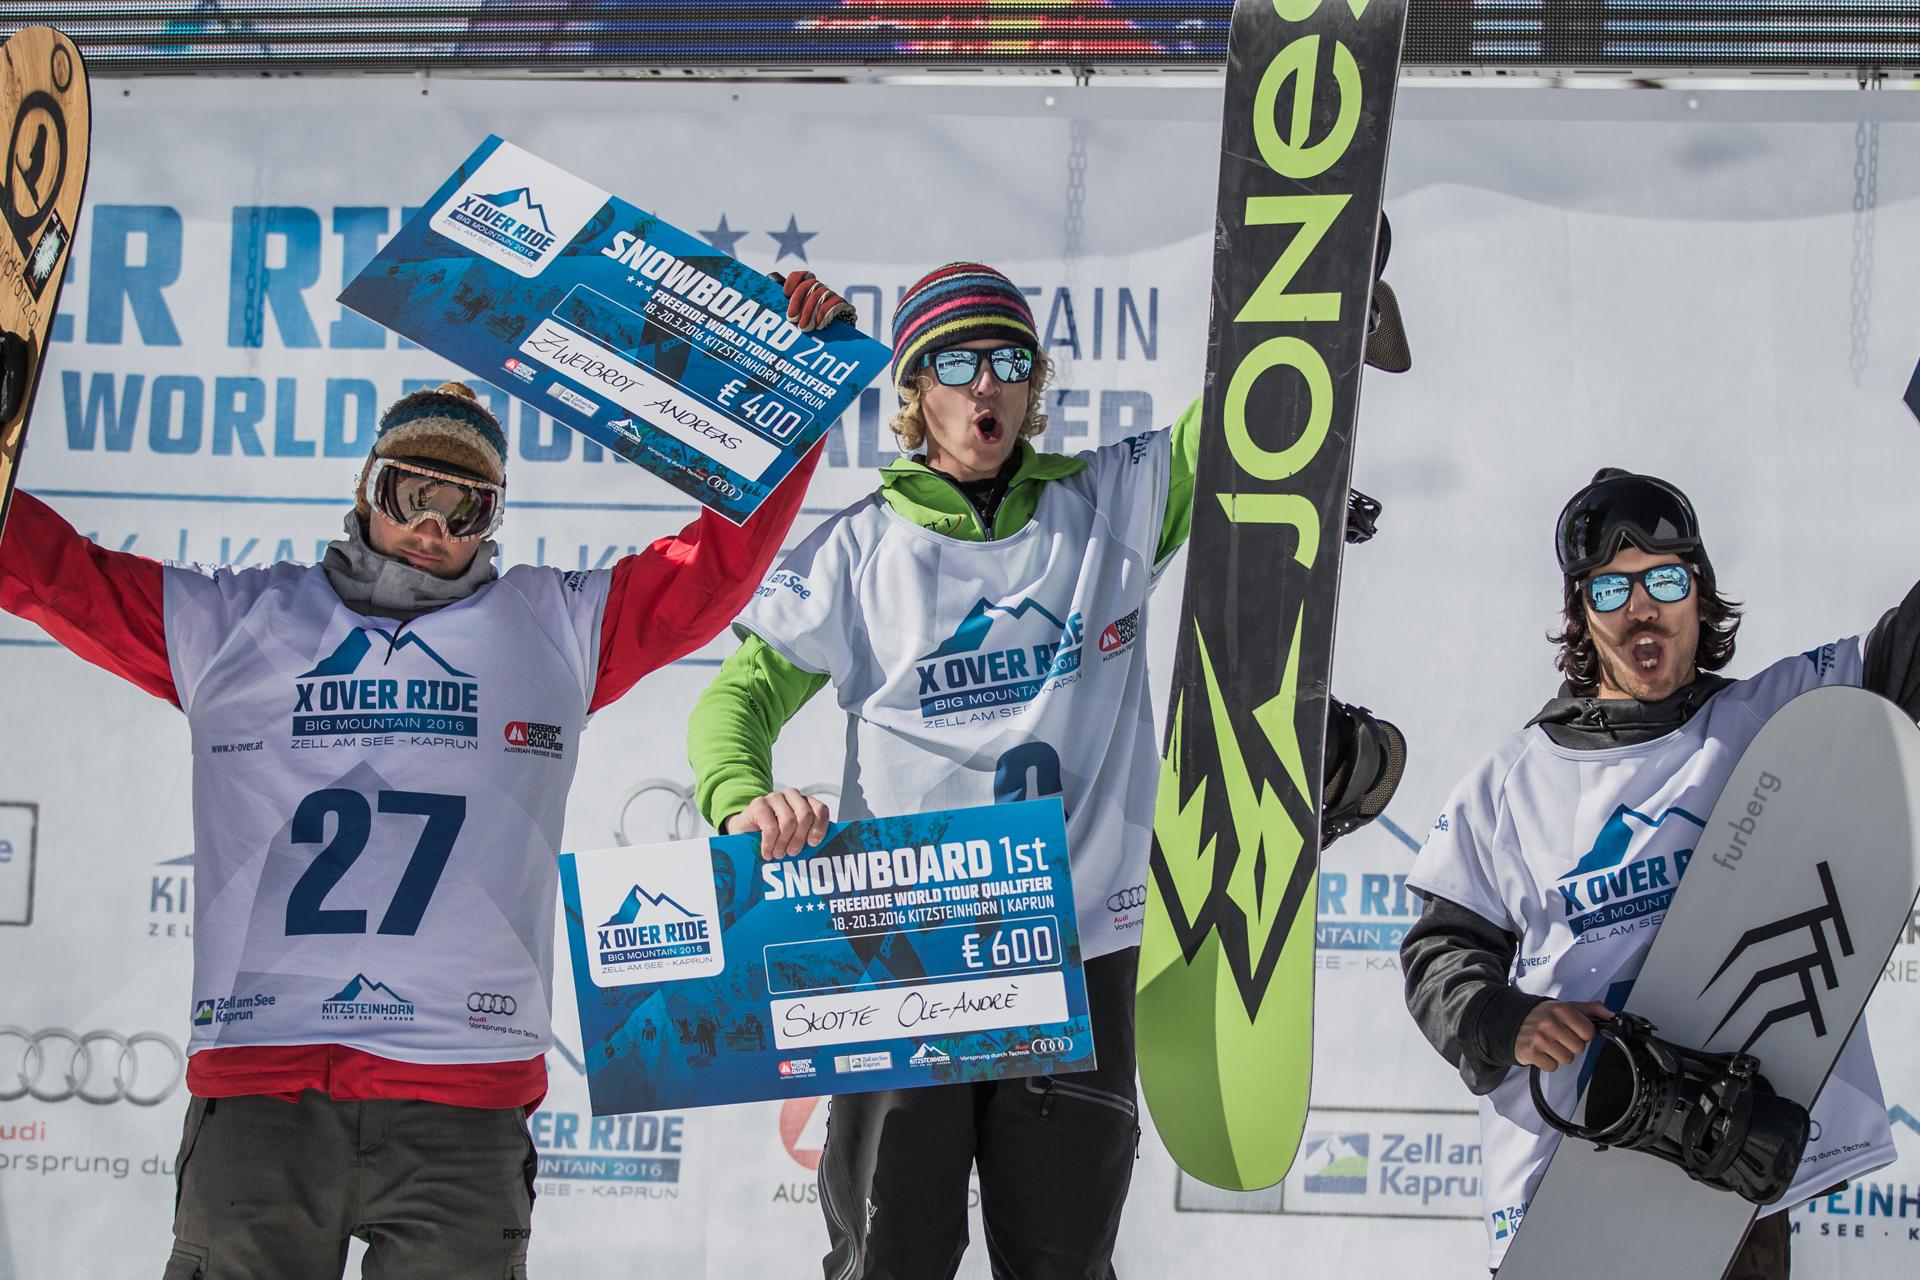 Die drei Gewinner bei den Männern: Andreas Zweibrot, Ole-André Skotte und Victor Heim - Foto: Mia Maria Knoll